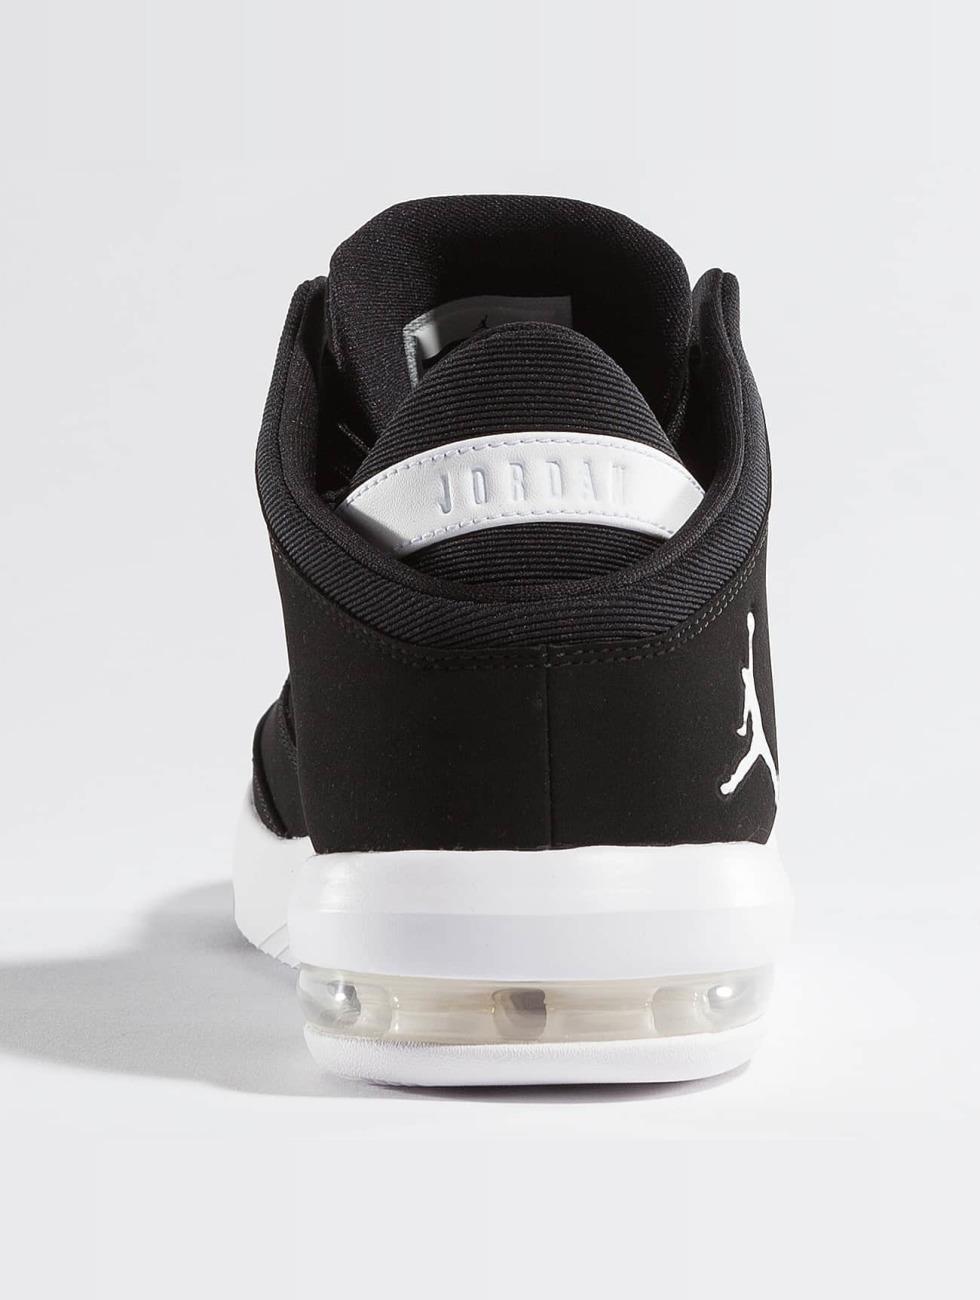 Jordan schoen / sneaker Flight Origin 4 in zwart 334353 Klaring Grootste Leverancier Speling Op Zoek Naar Outlet Vele Soorten Goedkope Prijs Wholesale 0JfSlZf